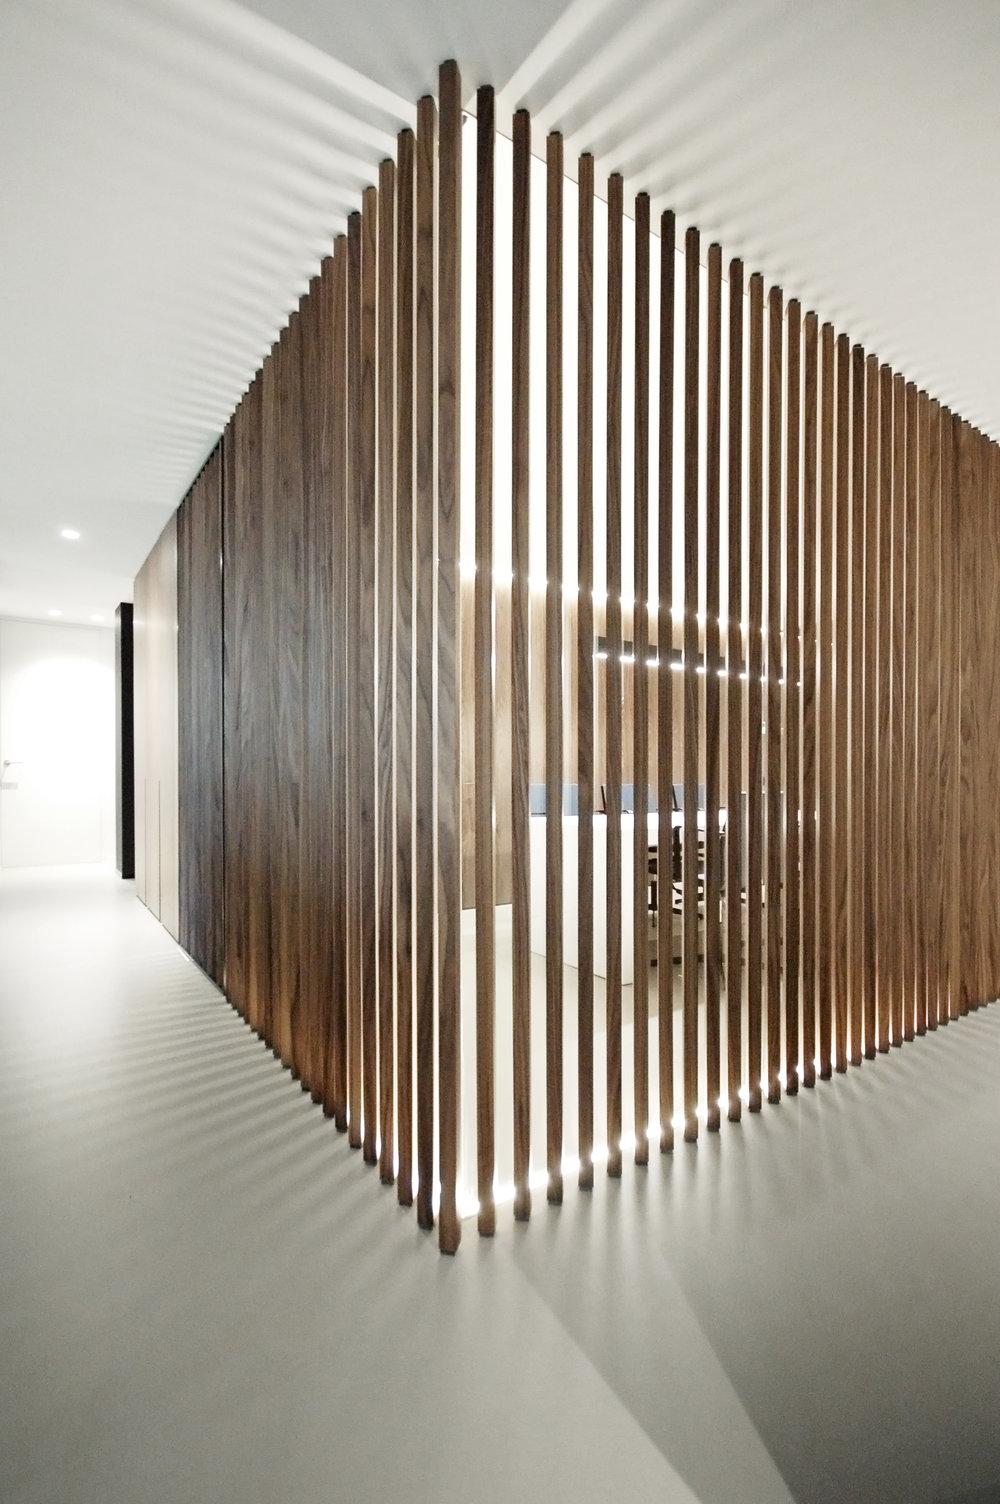 demeestervliegen-architecture-interior-interiorarchitecture-office24.jpg